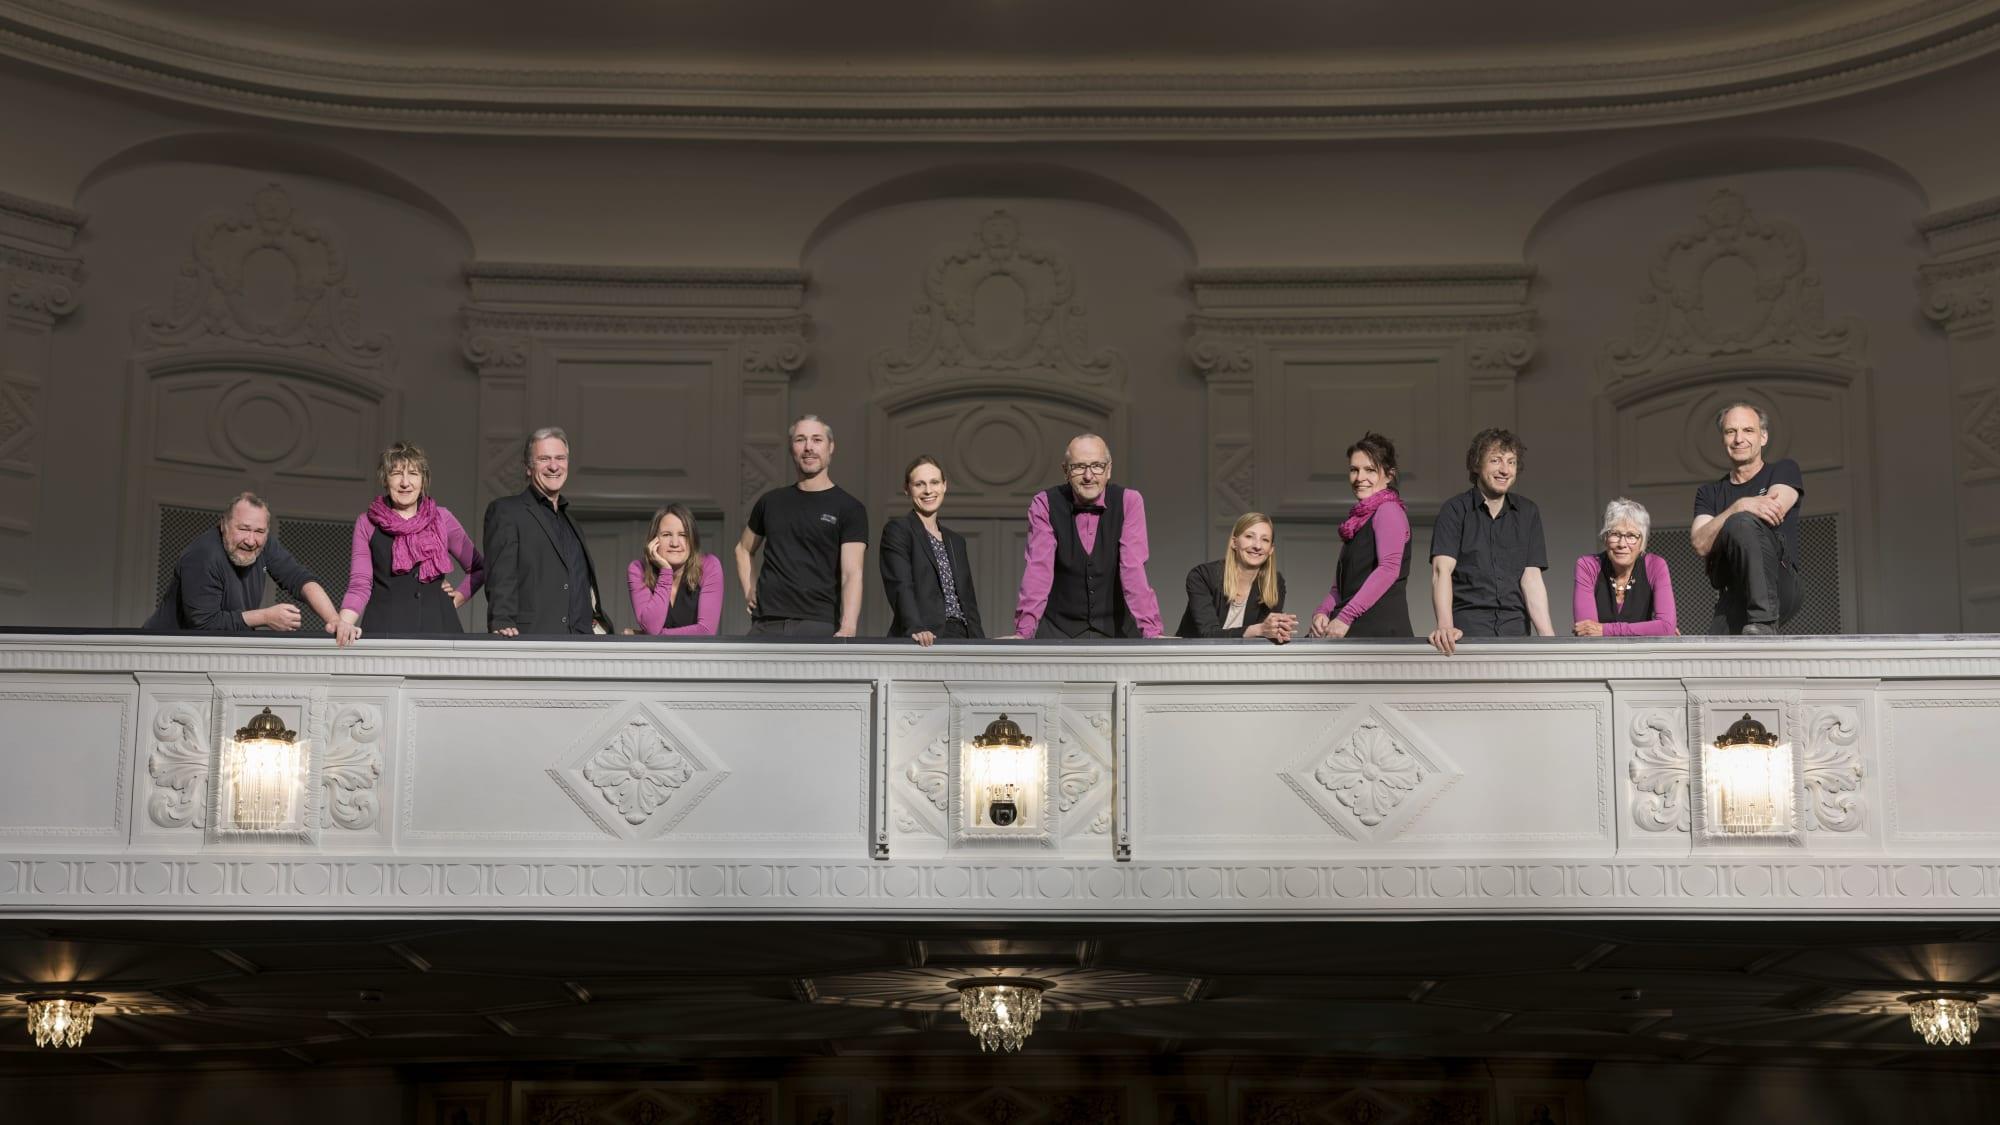 Gruppenfoto Stadttheater Langenthal 2021_03_kl